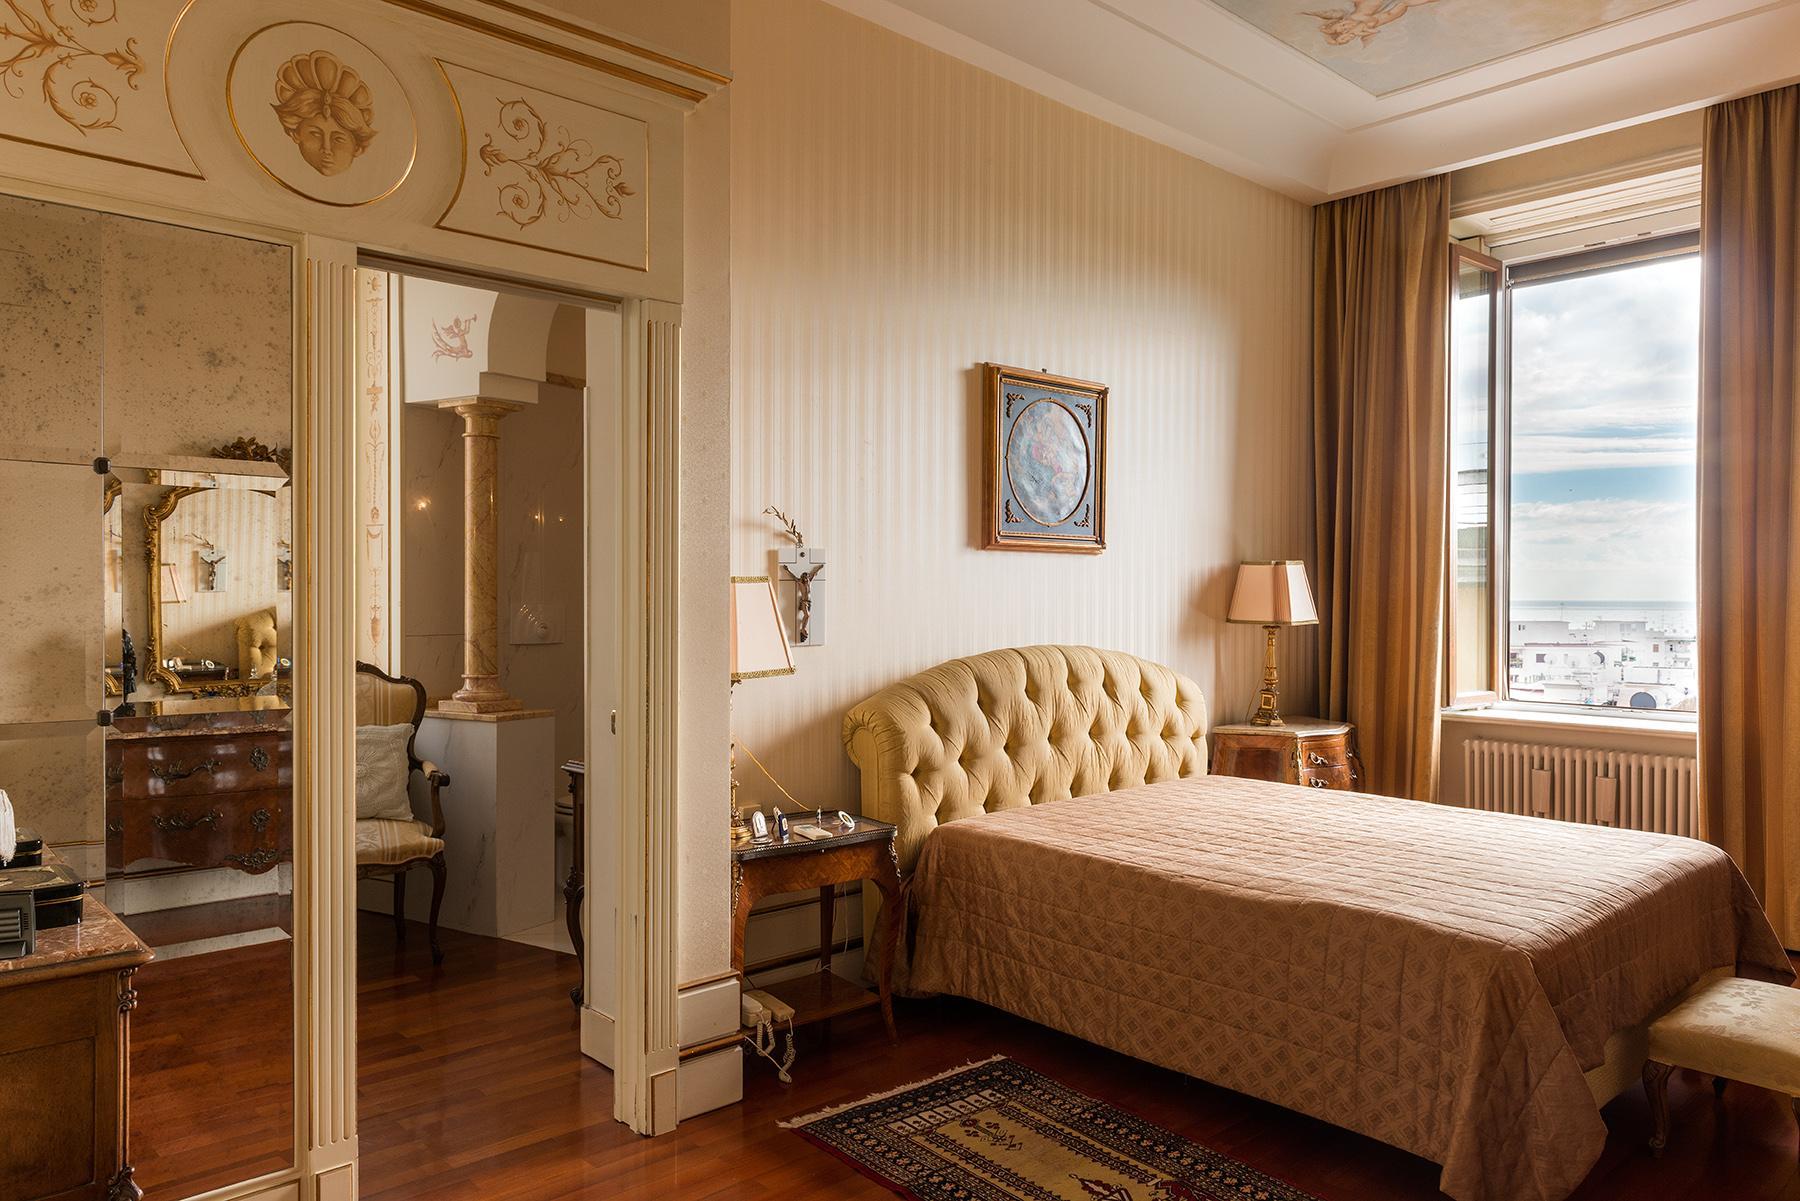 古典风格的奢华公寓 - 15